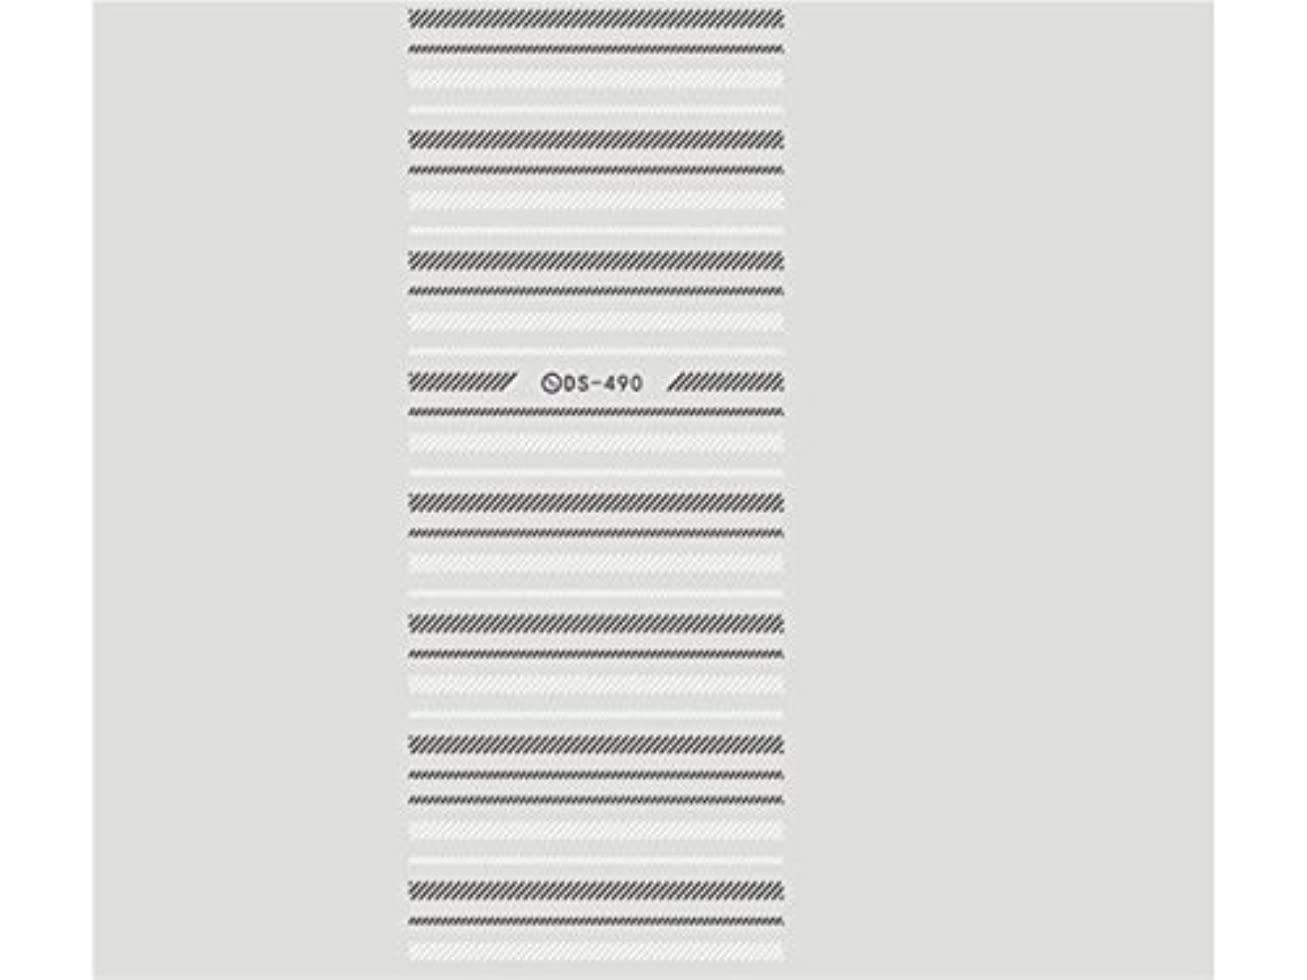 無礼に差別する調整するOsize ファッションウォーターマーク美しい先端ネイルアートネイルステッカーネイルデカールネイルステッカーを彫刻(図示)